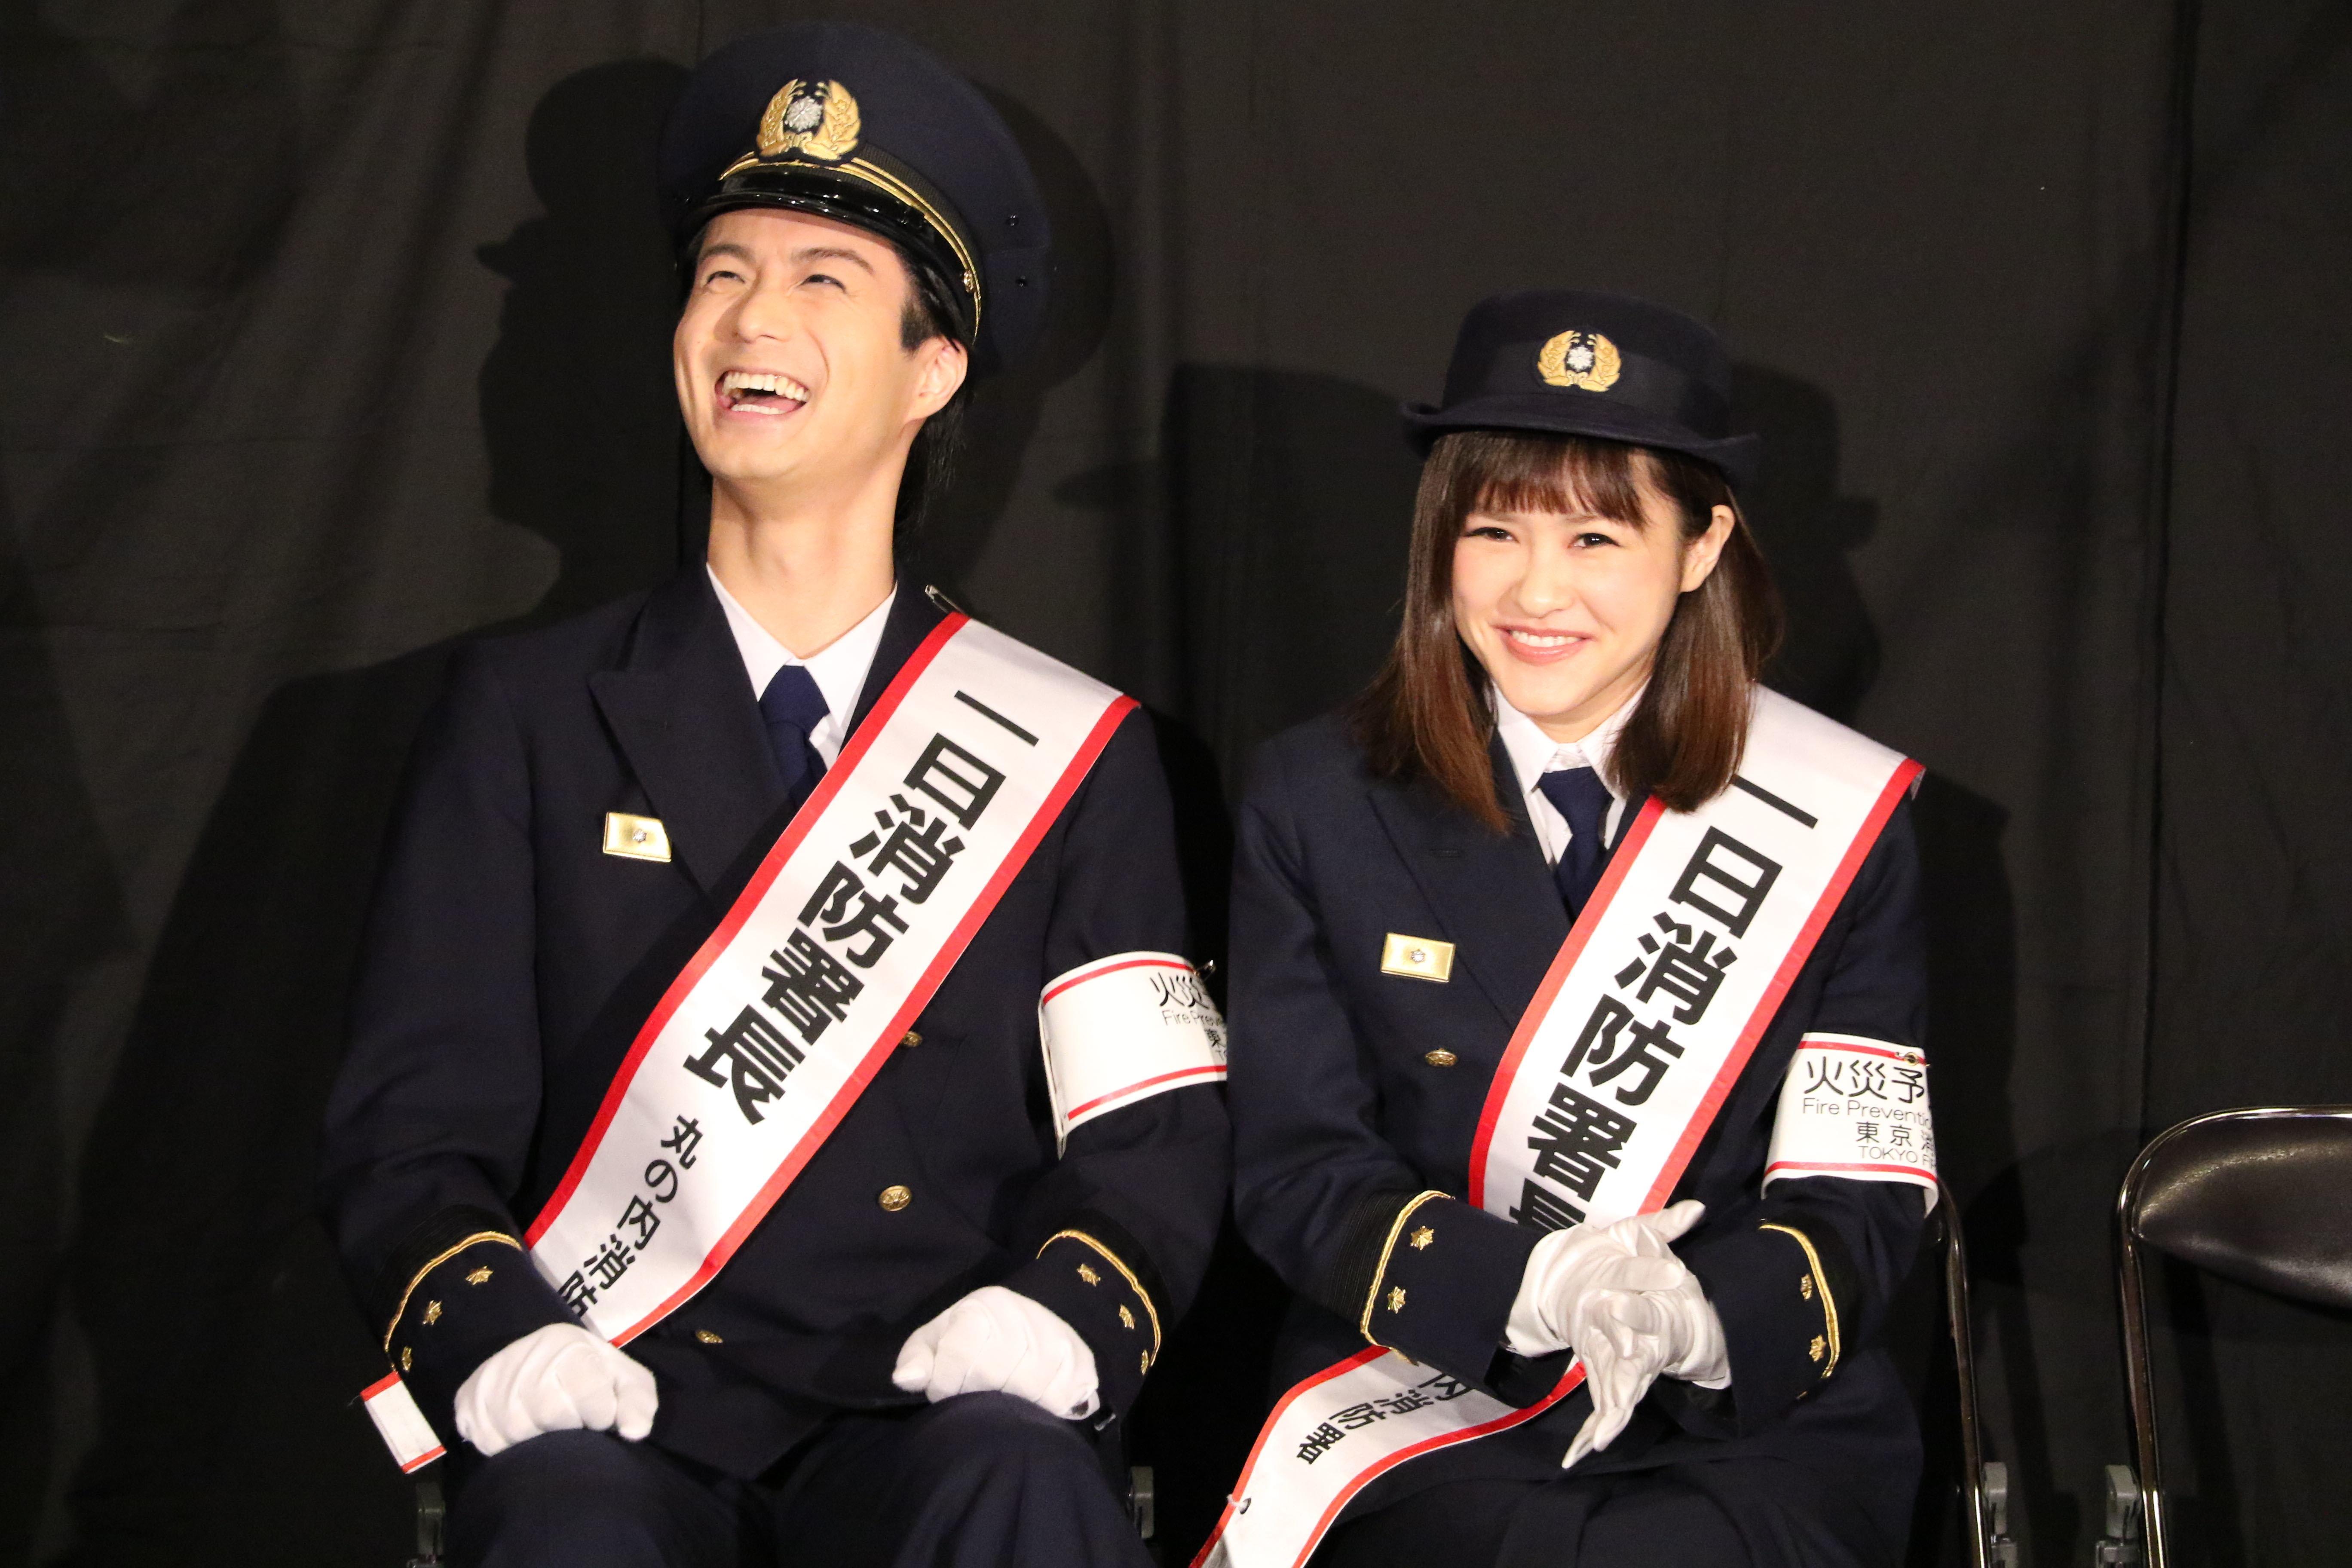 スタッフのコミカルな演技に思わず笑顔が溢れる田代万里生と昆夏美